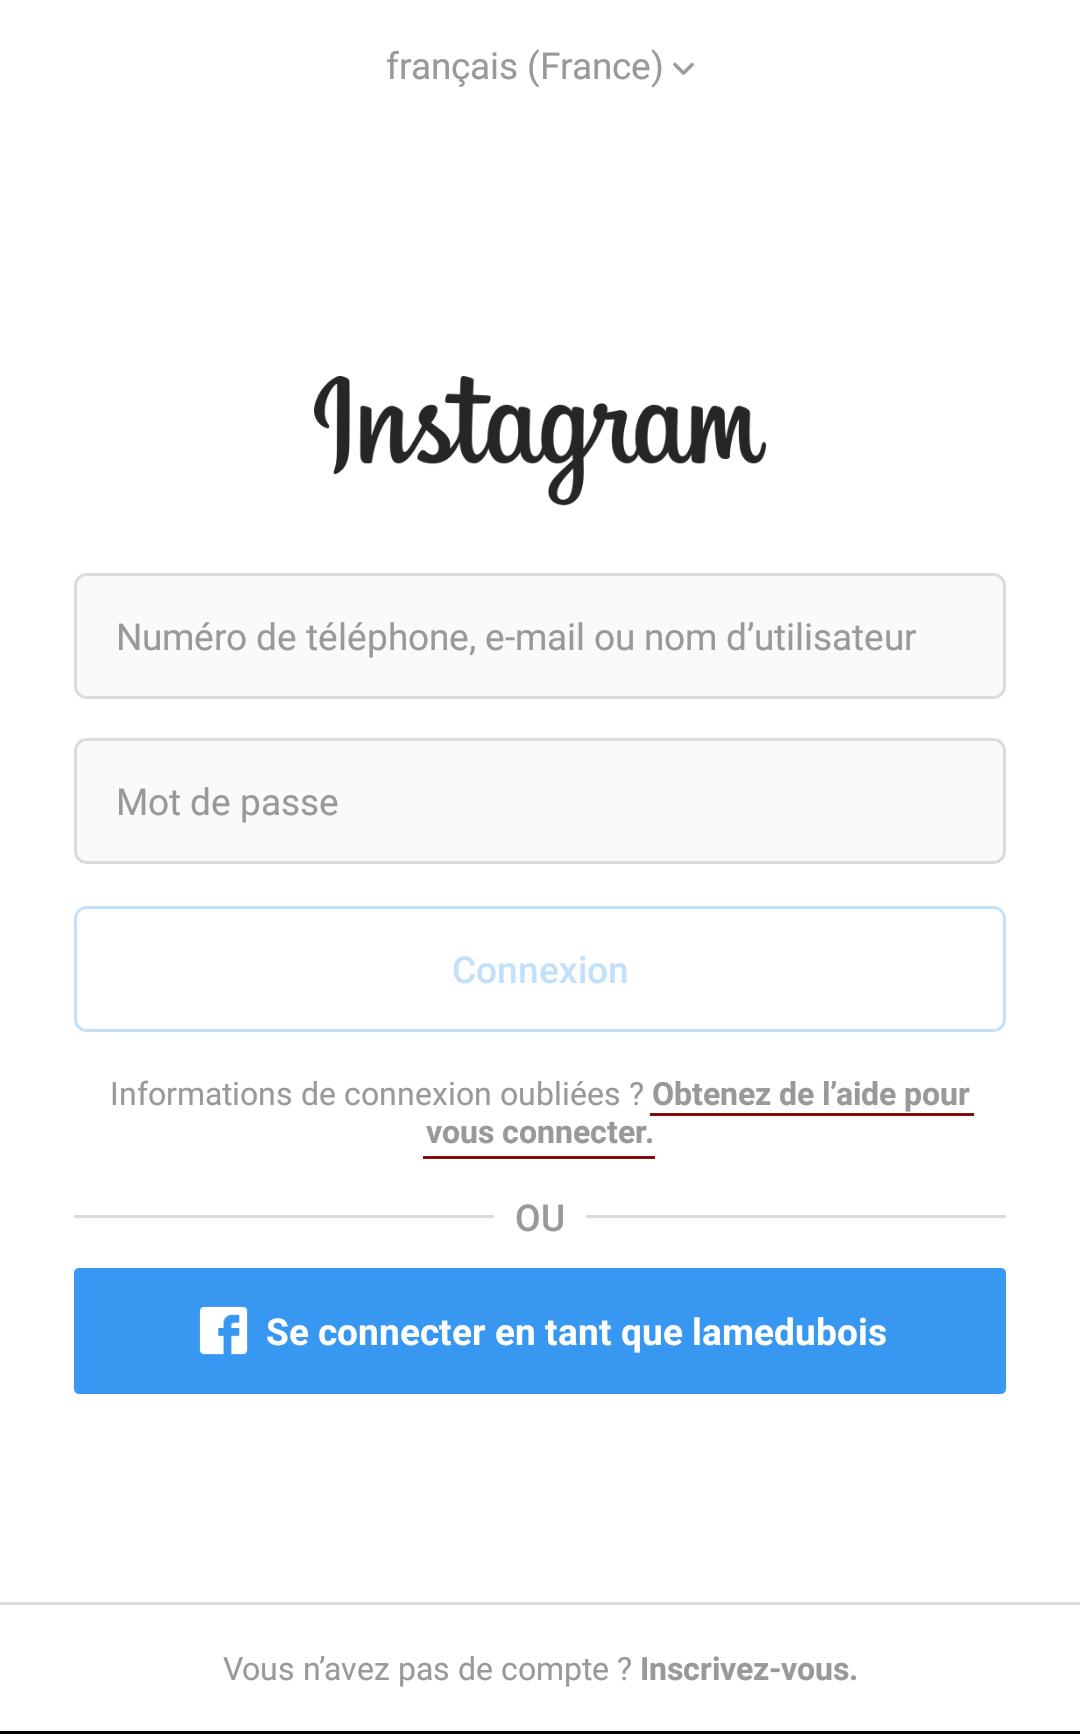 comment pirater un compte instagram avec le nom dutilisateur